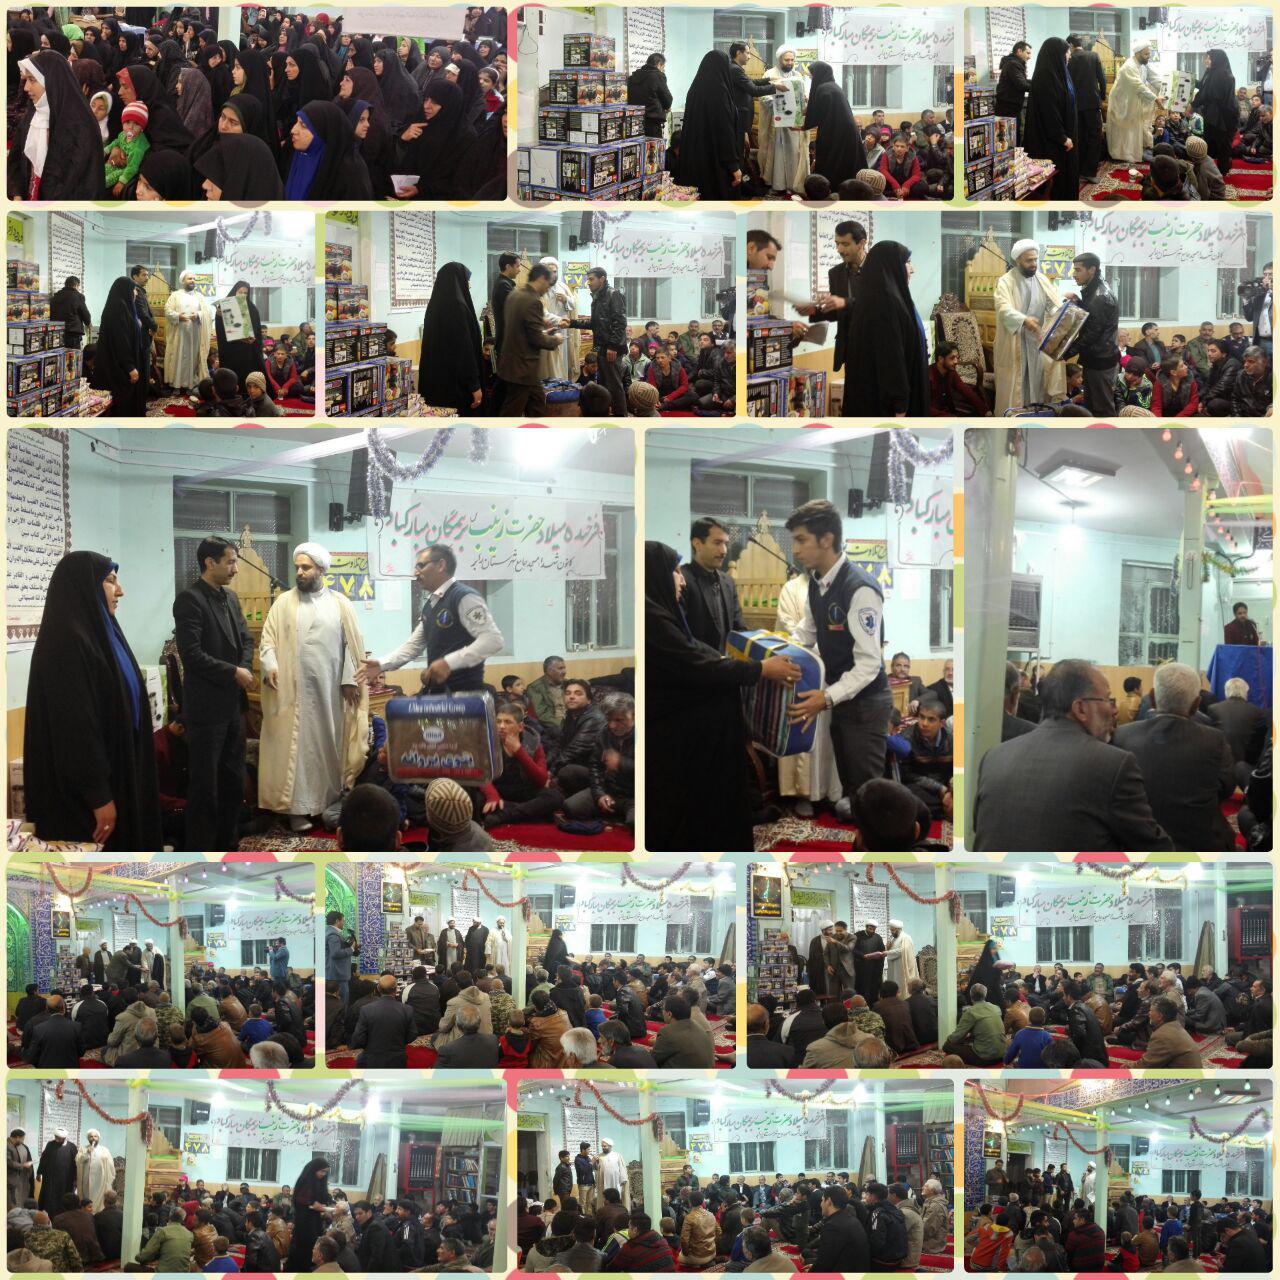 برگزاری جشن ولادت حضرت زینب کبری (س) با تجلیل از پرستاران و نام های زینب در رابر /تصاویر